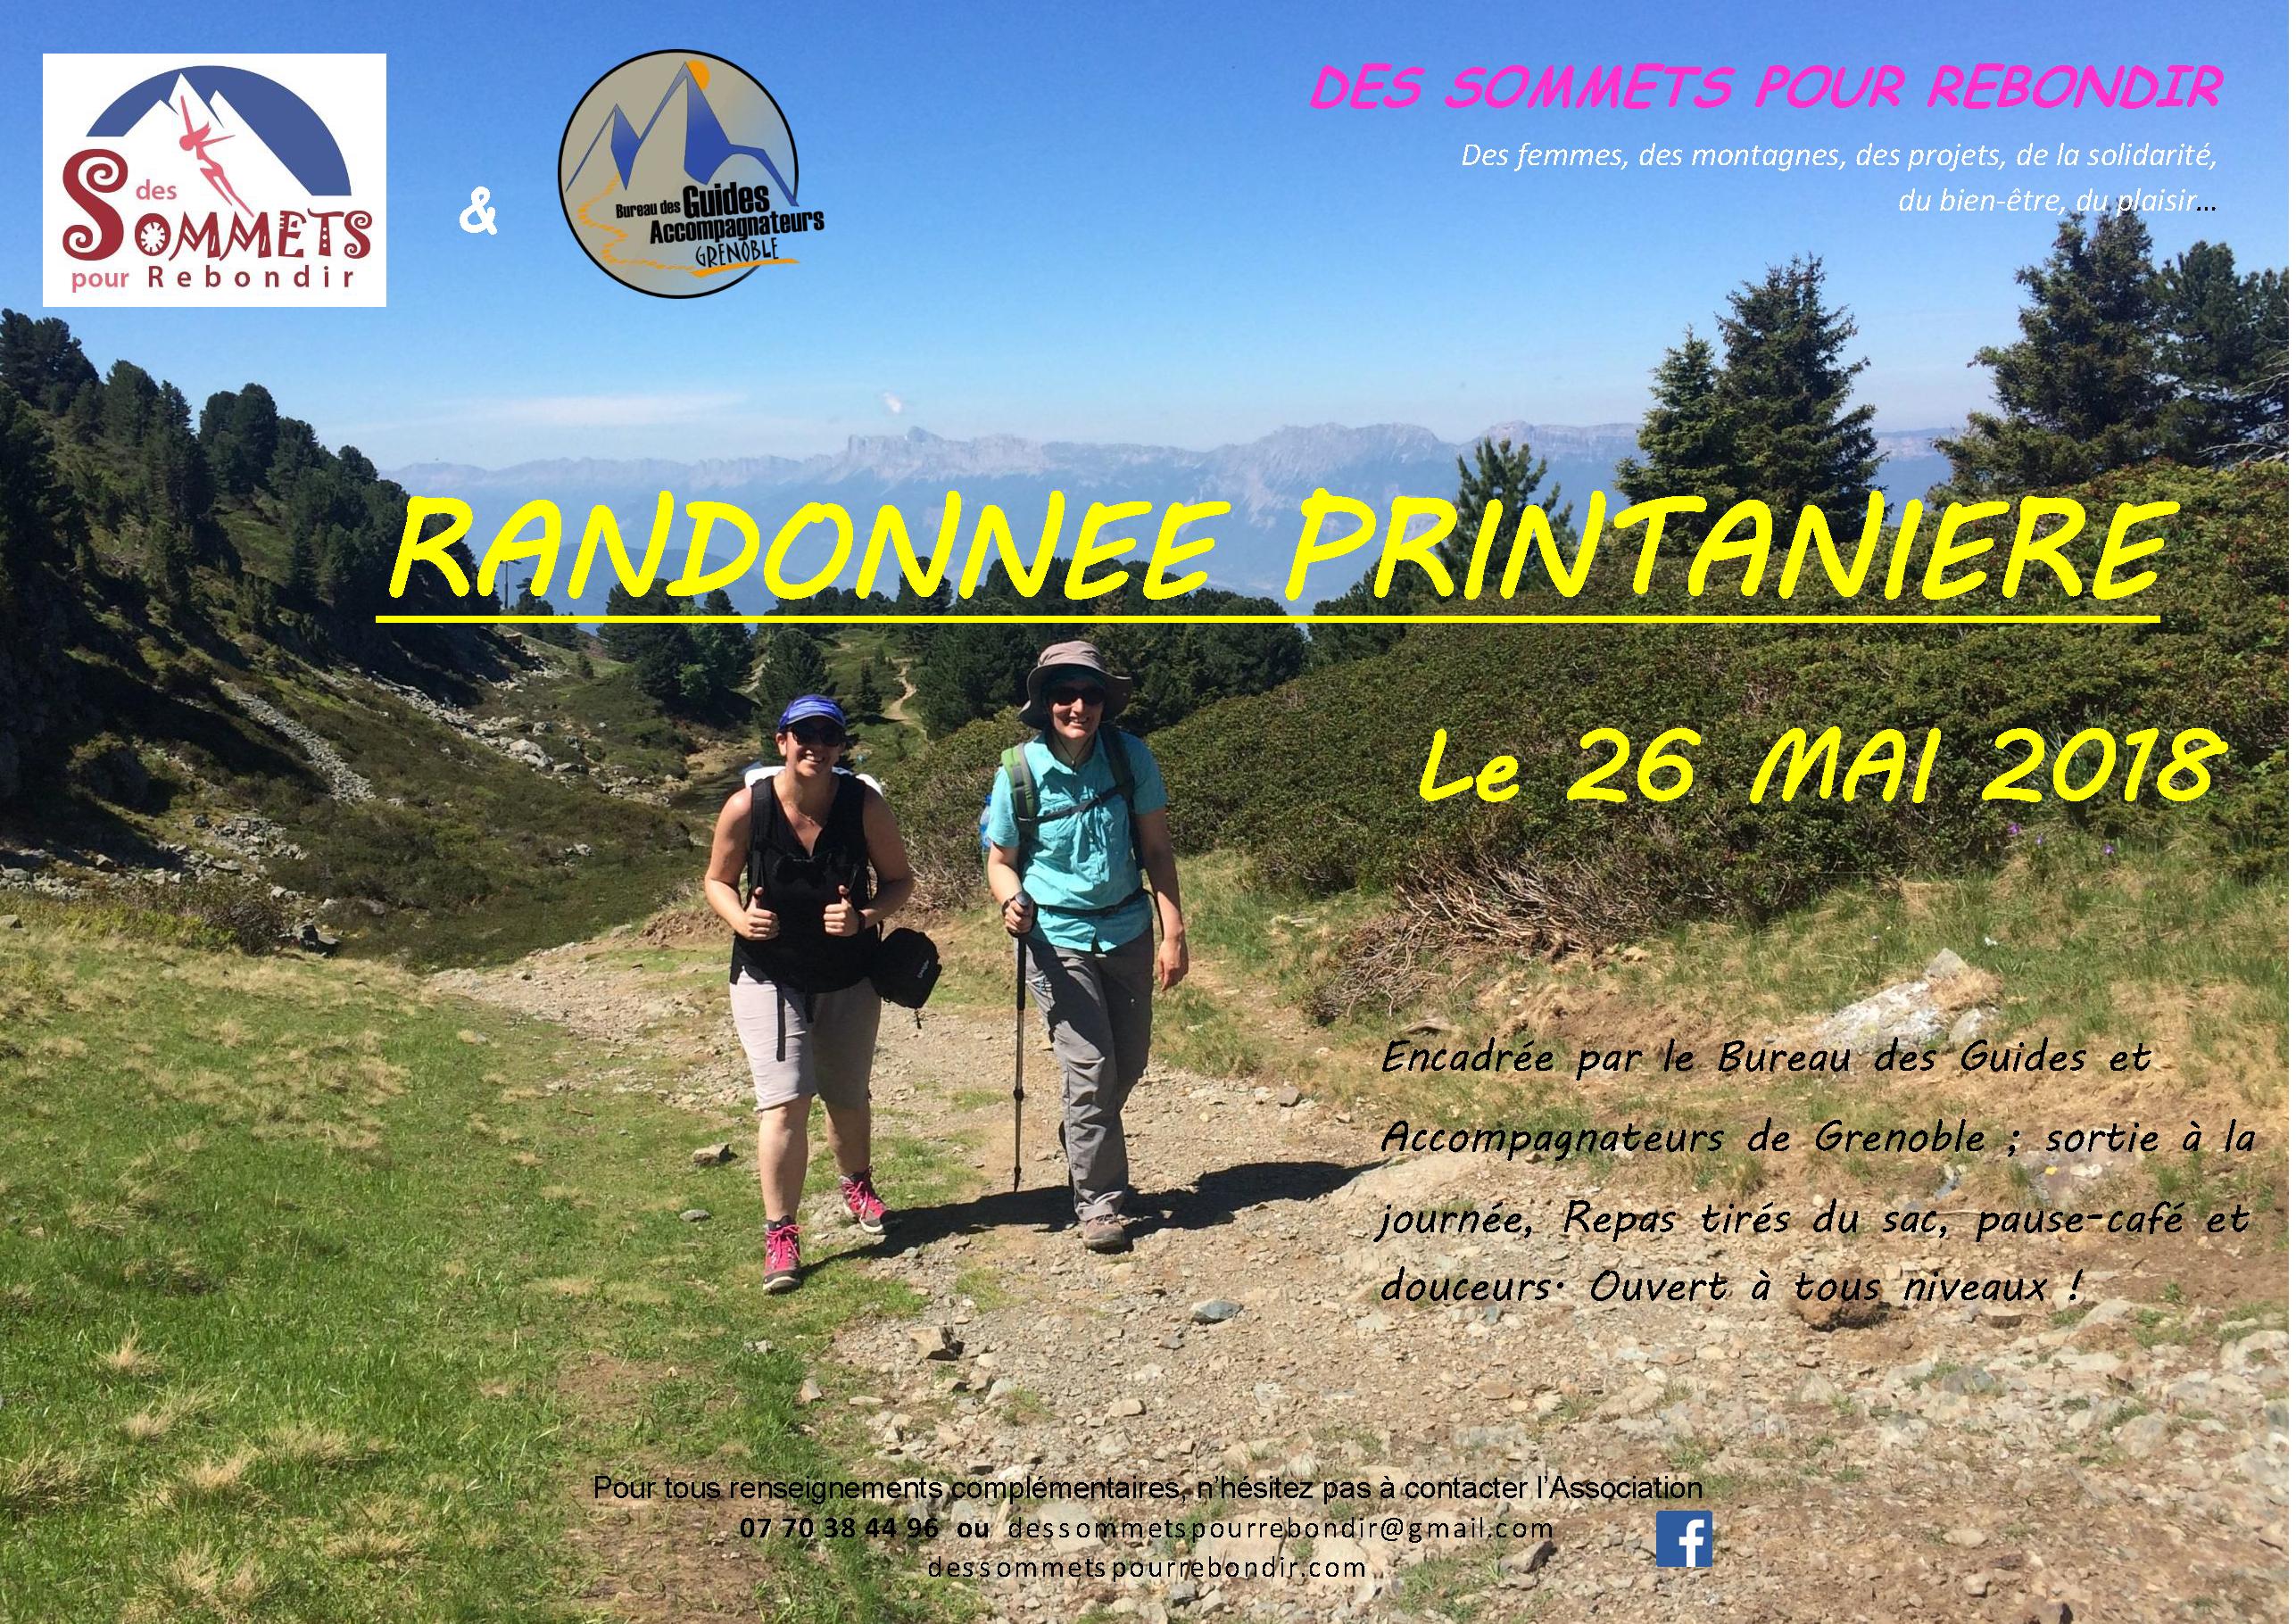 Randonnée Printanière - Des Sommets pour Rebondir